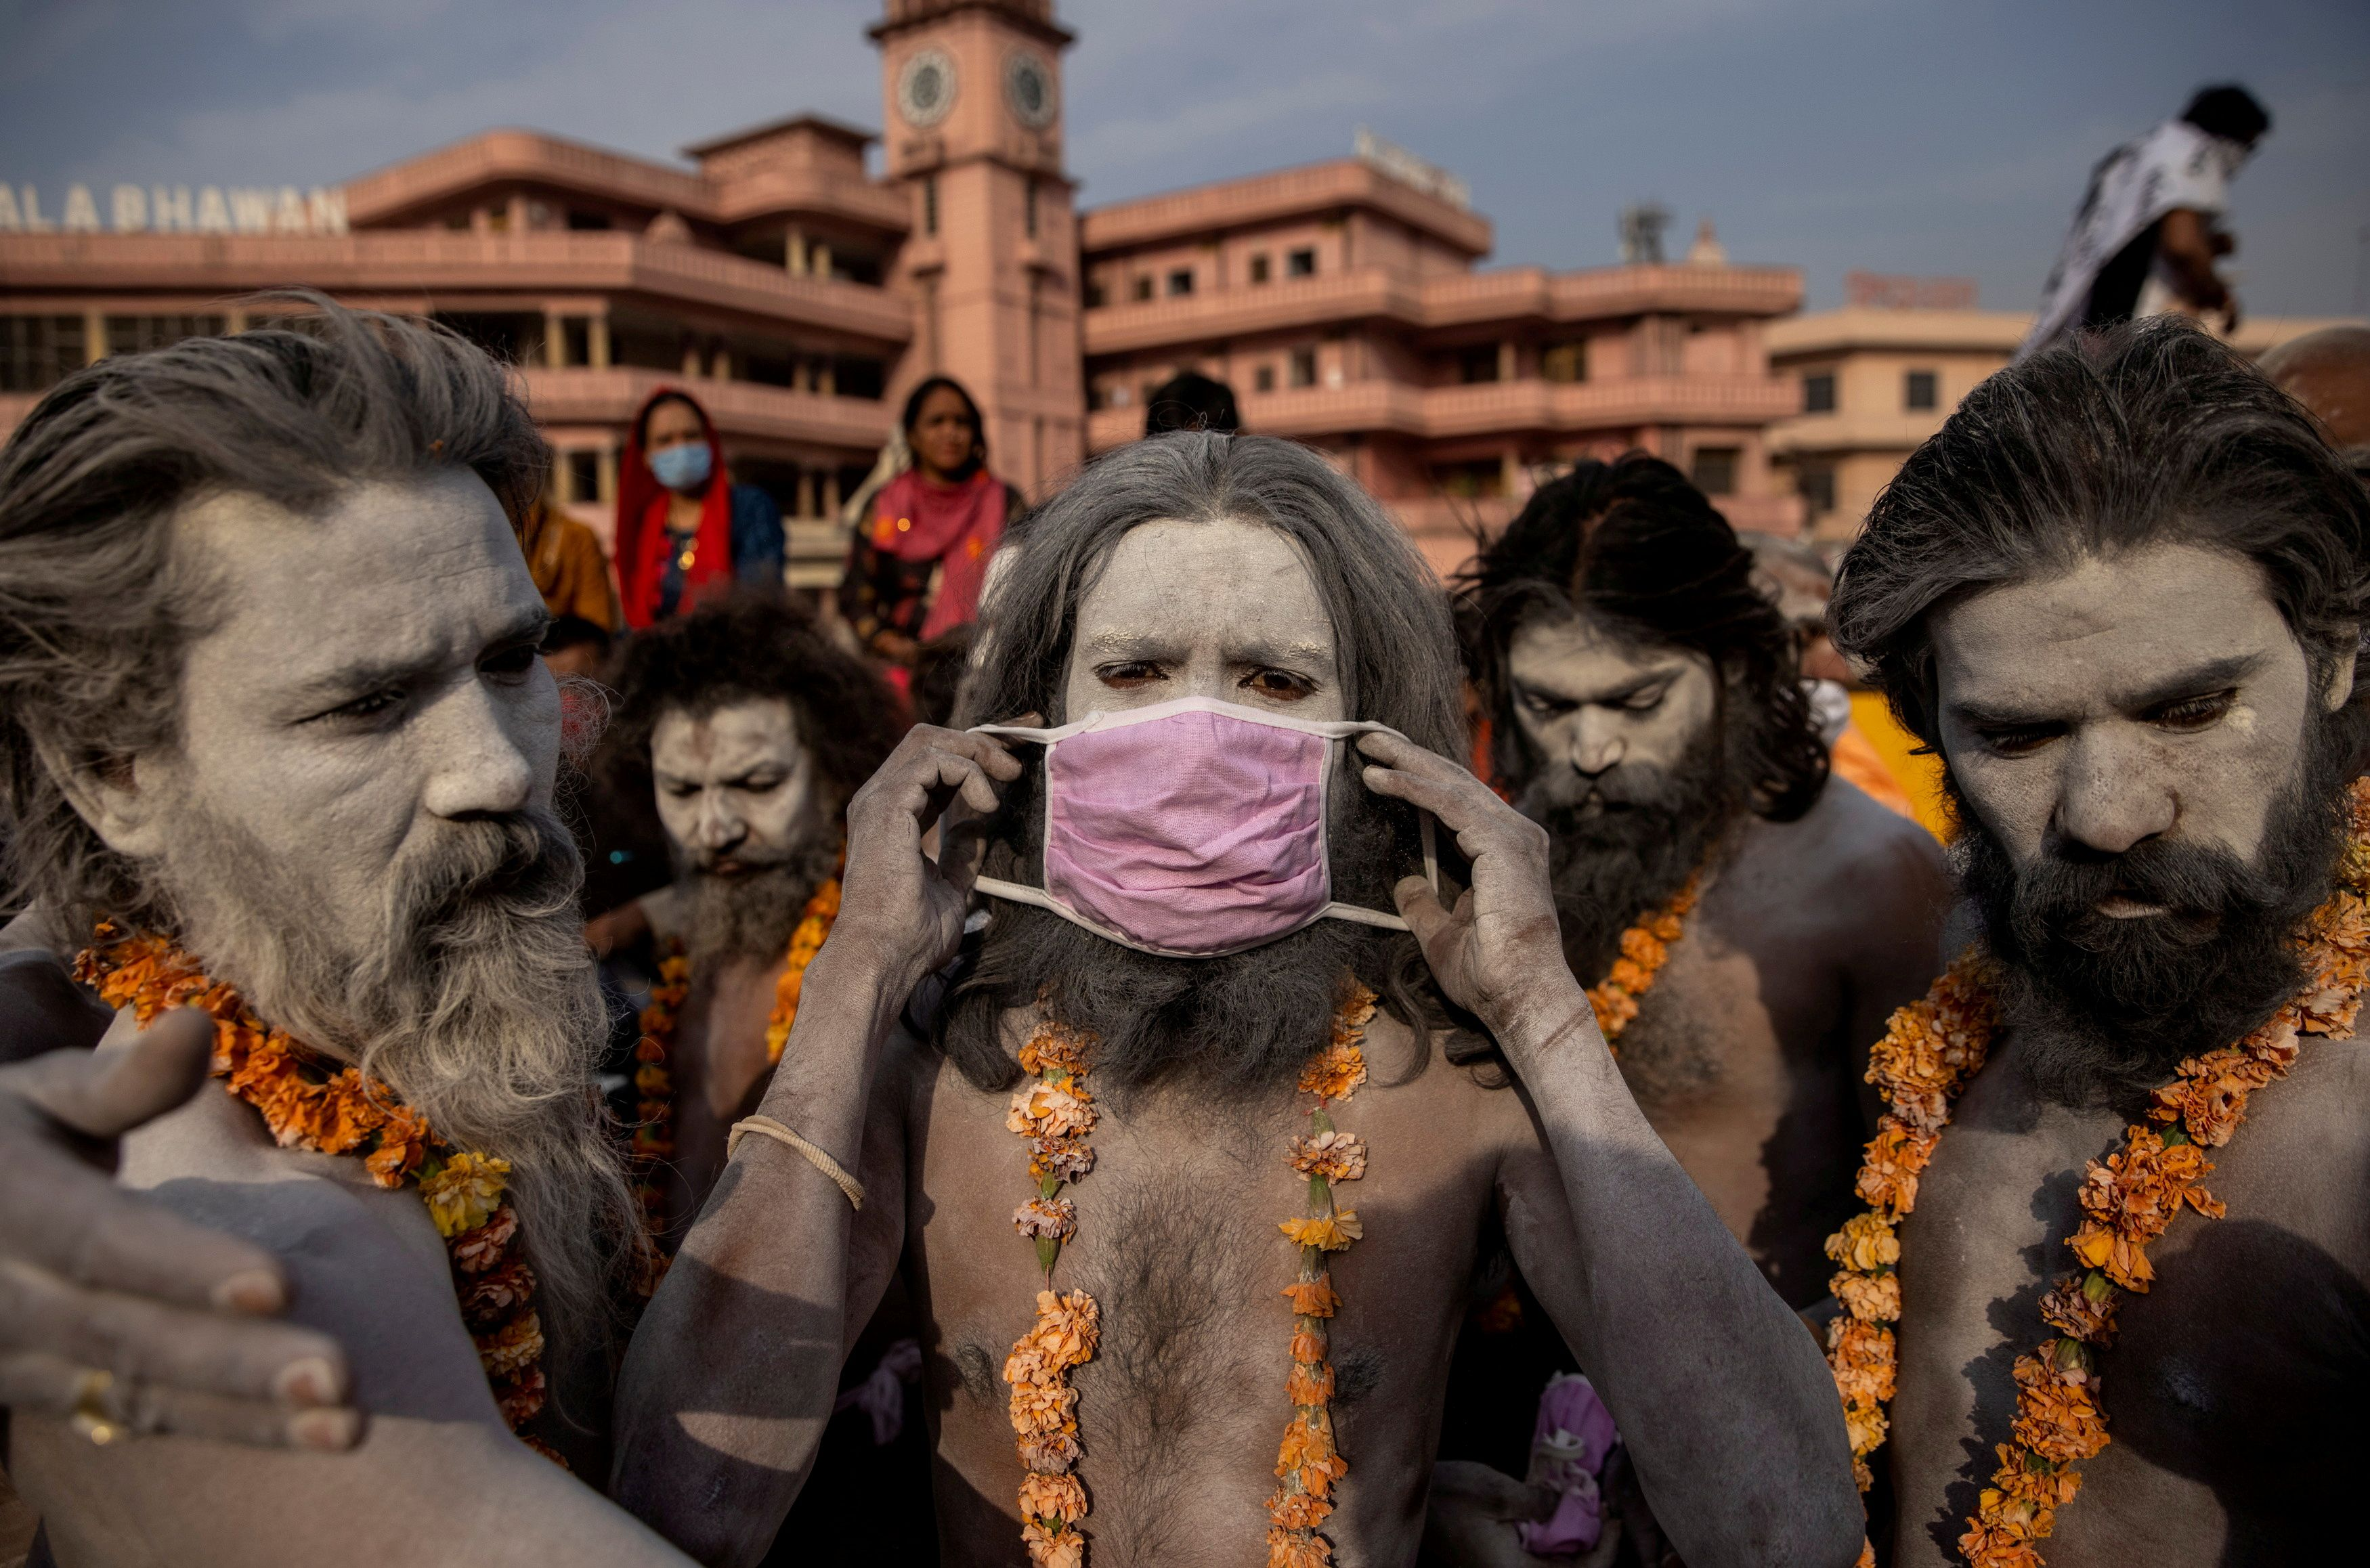 """Un Naga Sadhu, u hombre santo hindú lleva una máscara antes de la procesión para darse un baño en el río Ganges durante el Shahi Snan en el """"Kumbh Mela"""", o Festival de la Jarra, en medio de la propagación de la enfermedad del coronavirus (COVID-19), en Haridwar, India, el 12 de abril de 2021."""